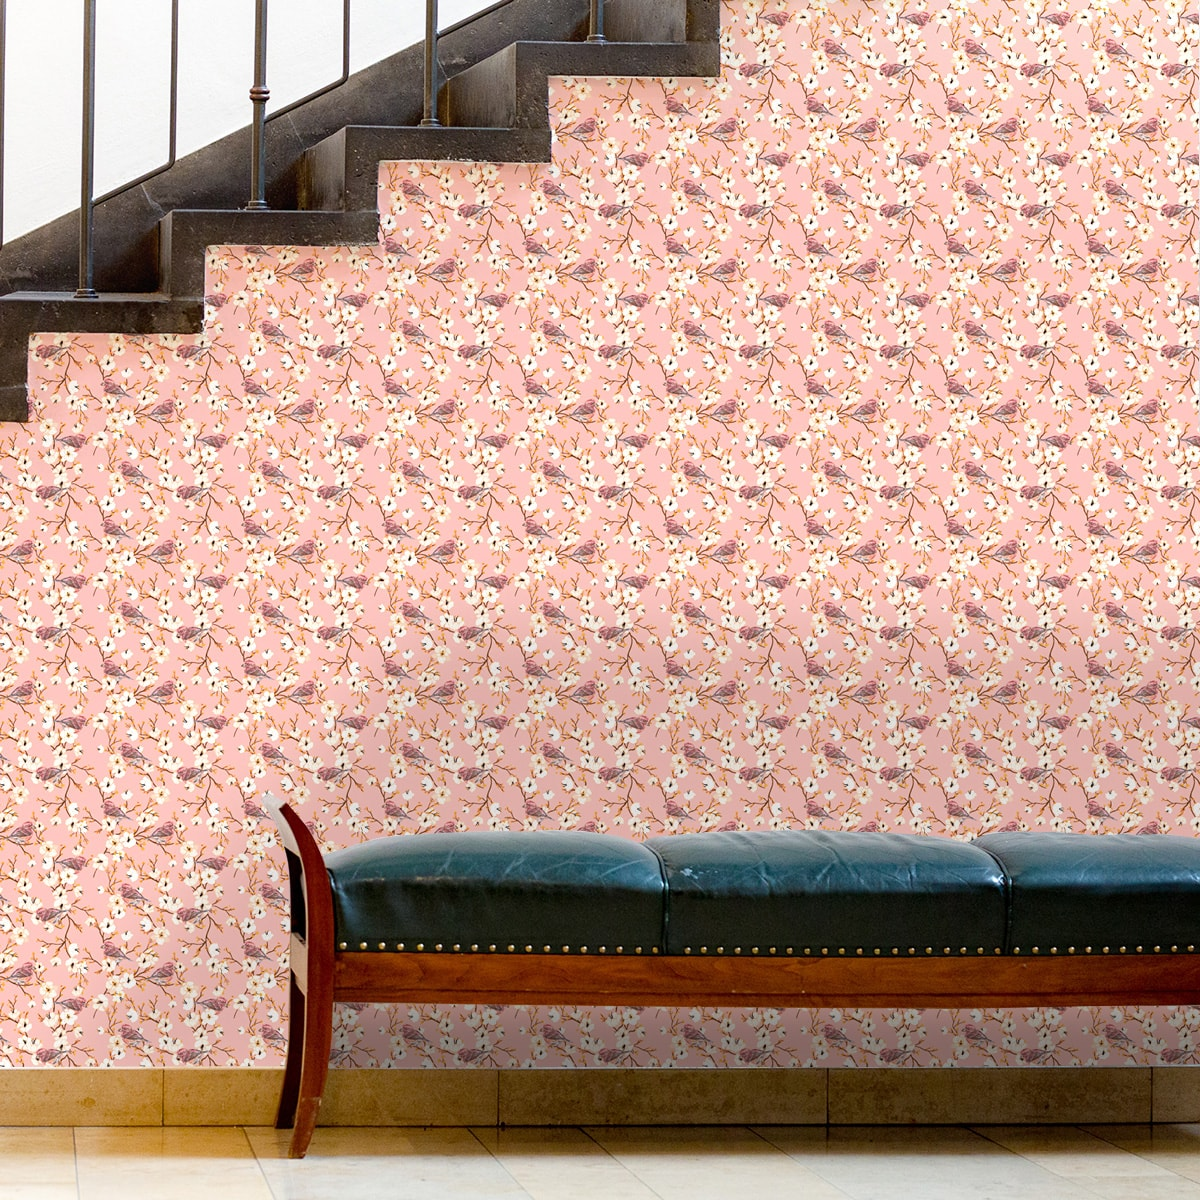 """Küchentapete pink: Frühlings Tapete """"Kirschblüten Spatz"""" mit Vögeln, rosa Vlies Tapete Blumen Tiere, frische Wanddeko für Küche"""